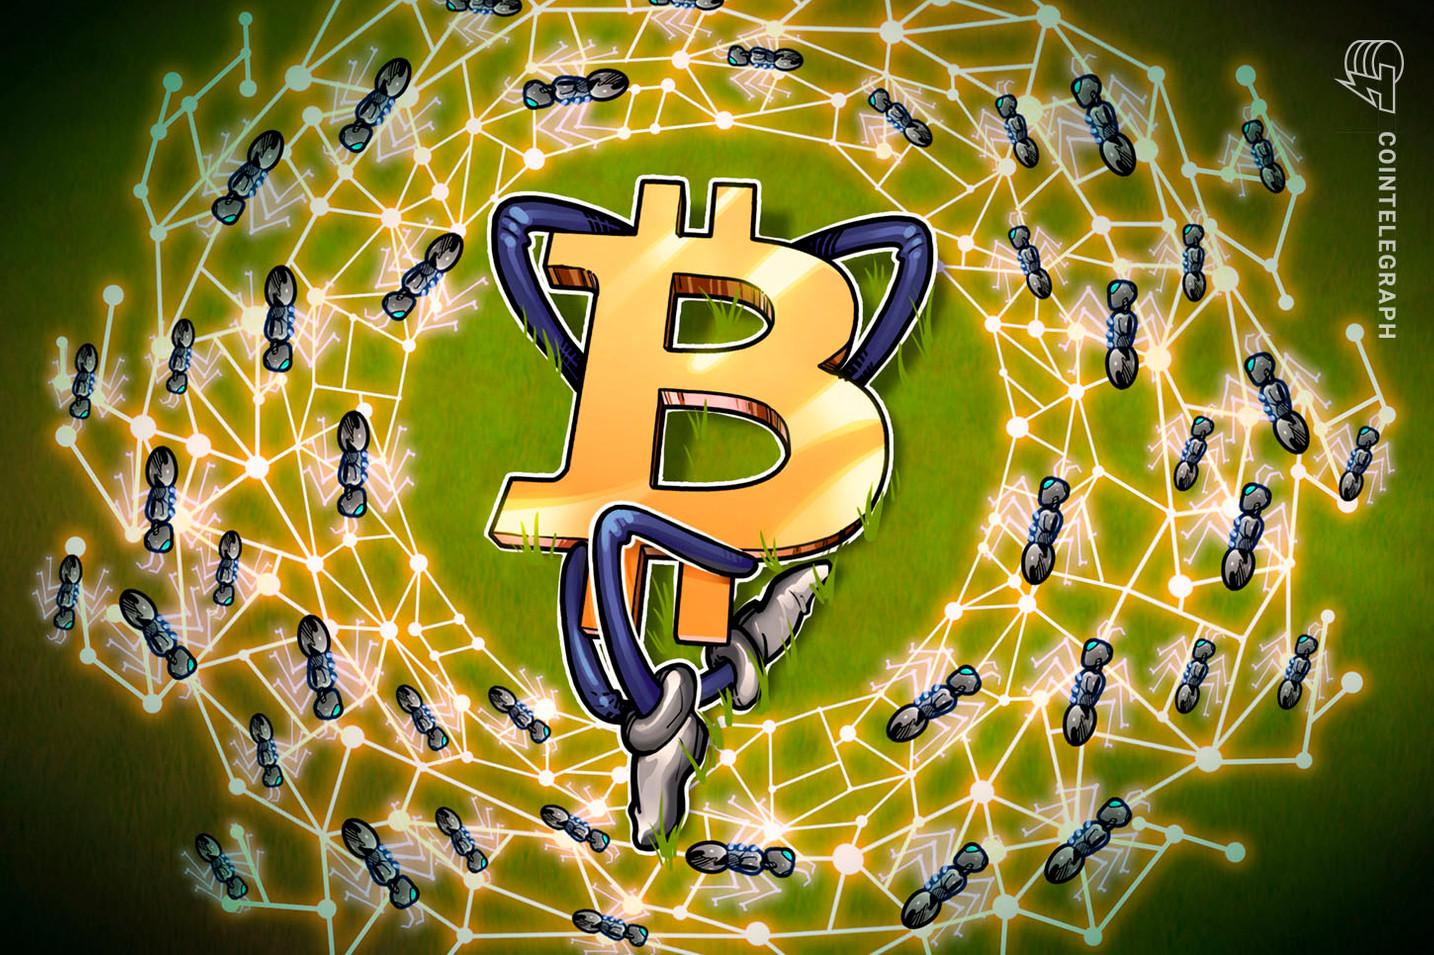 O preço do Bitcoin se recupera com a Morgan Stanley supostamente considerando comprar o BTC